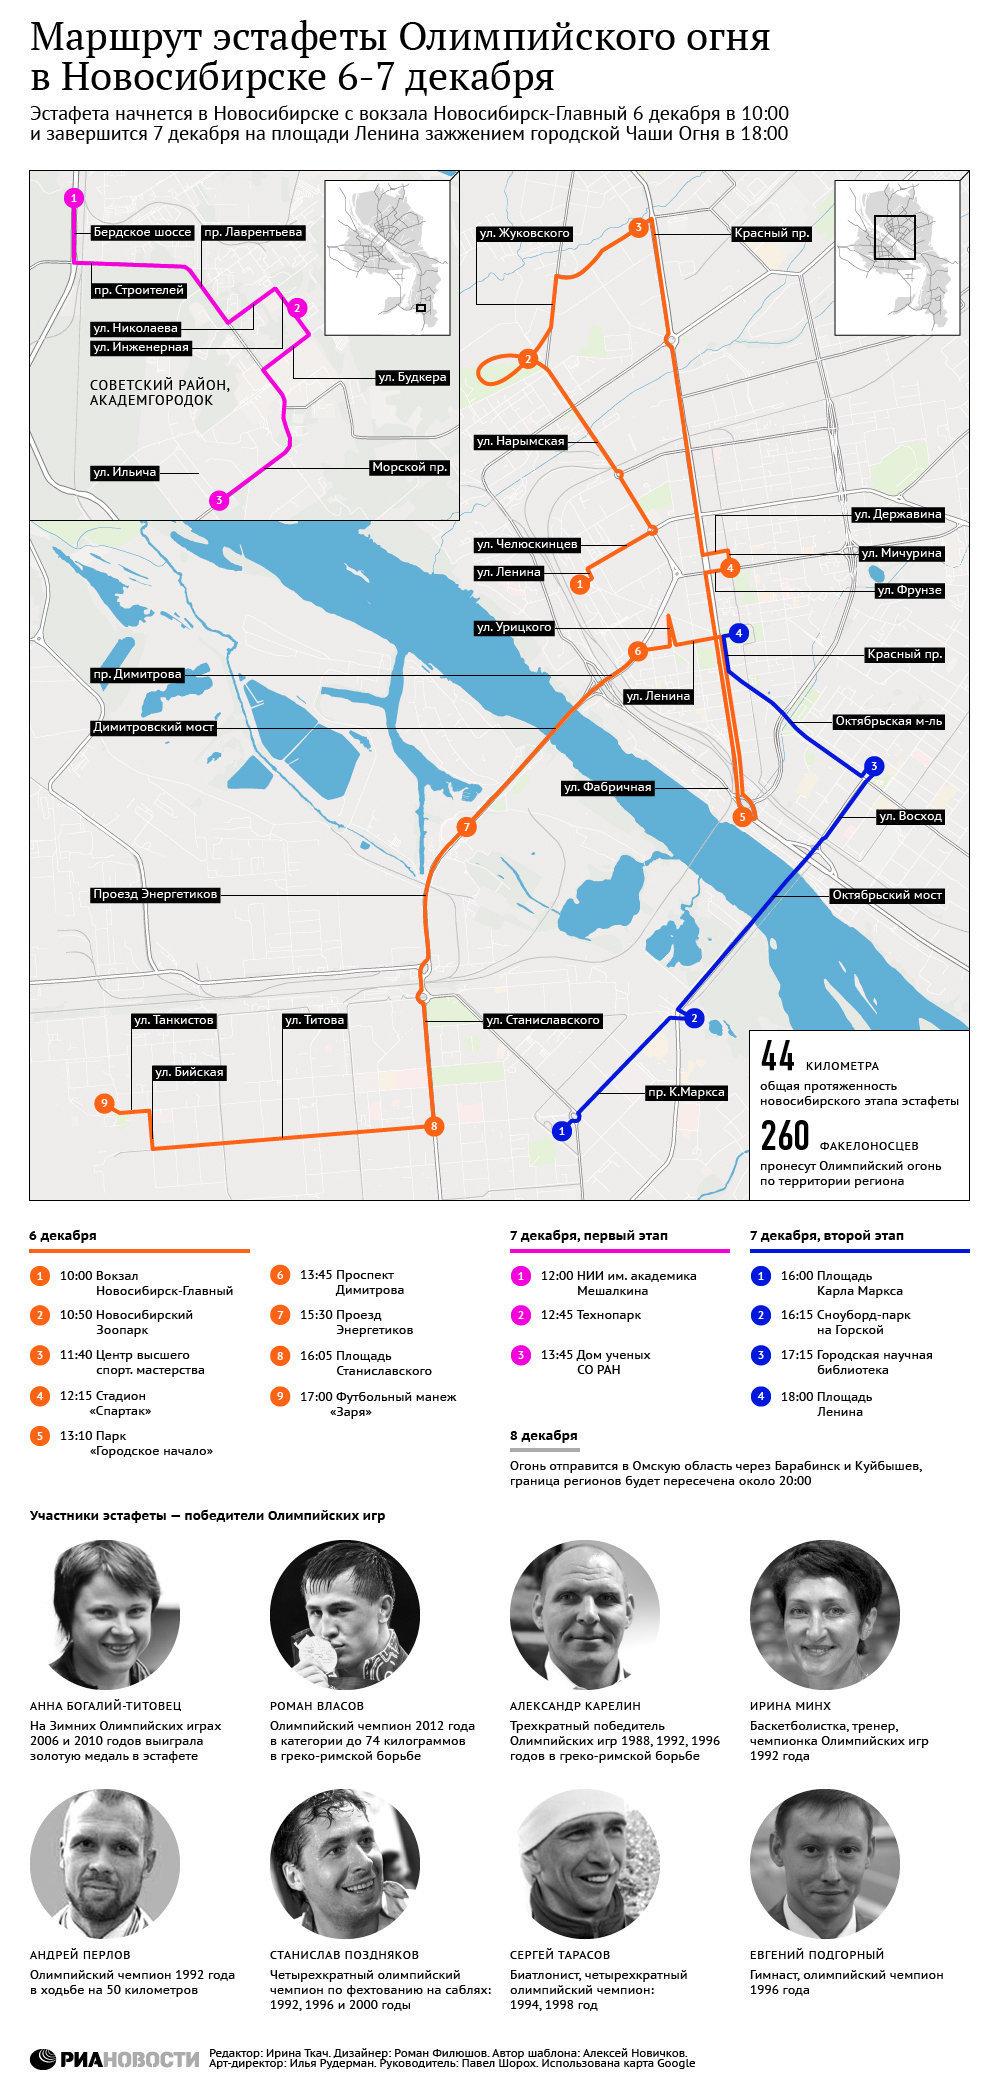 схема эстафеты олимпийского огня в новосибирске